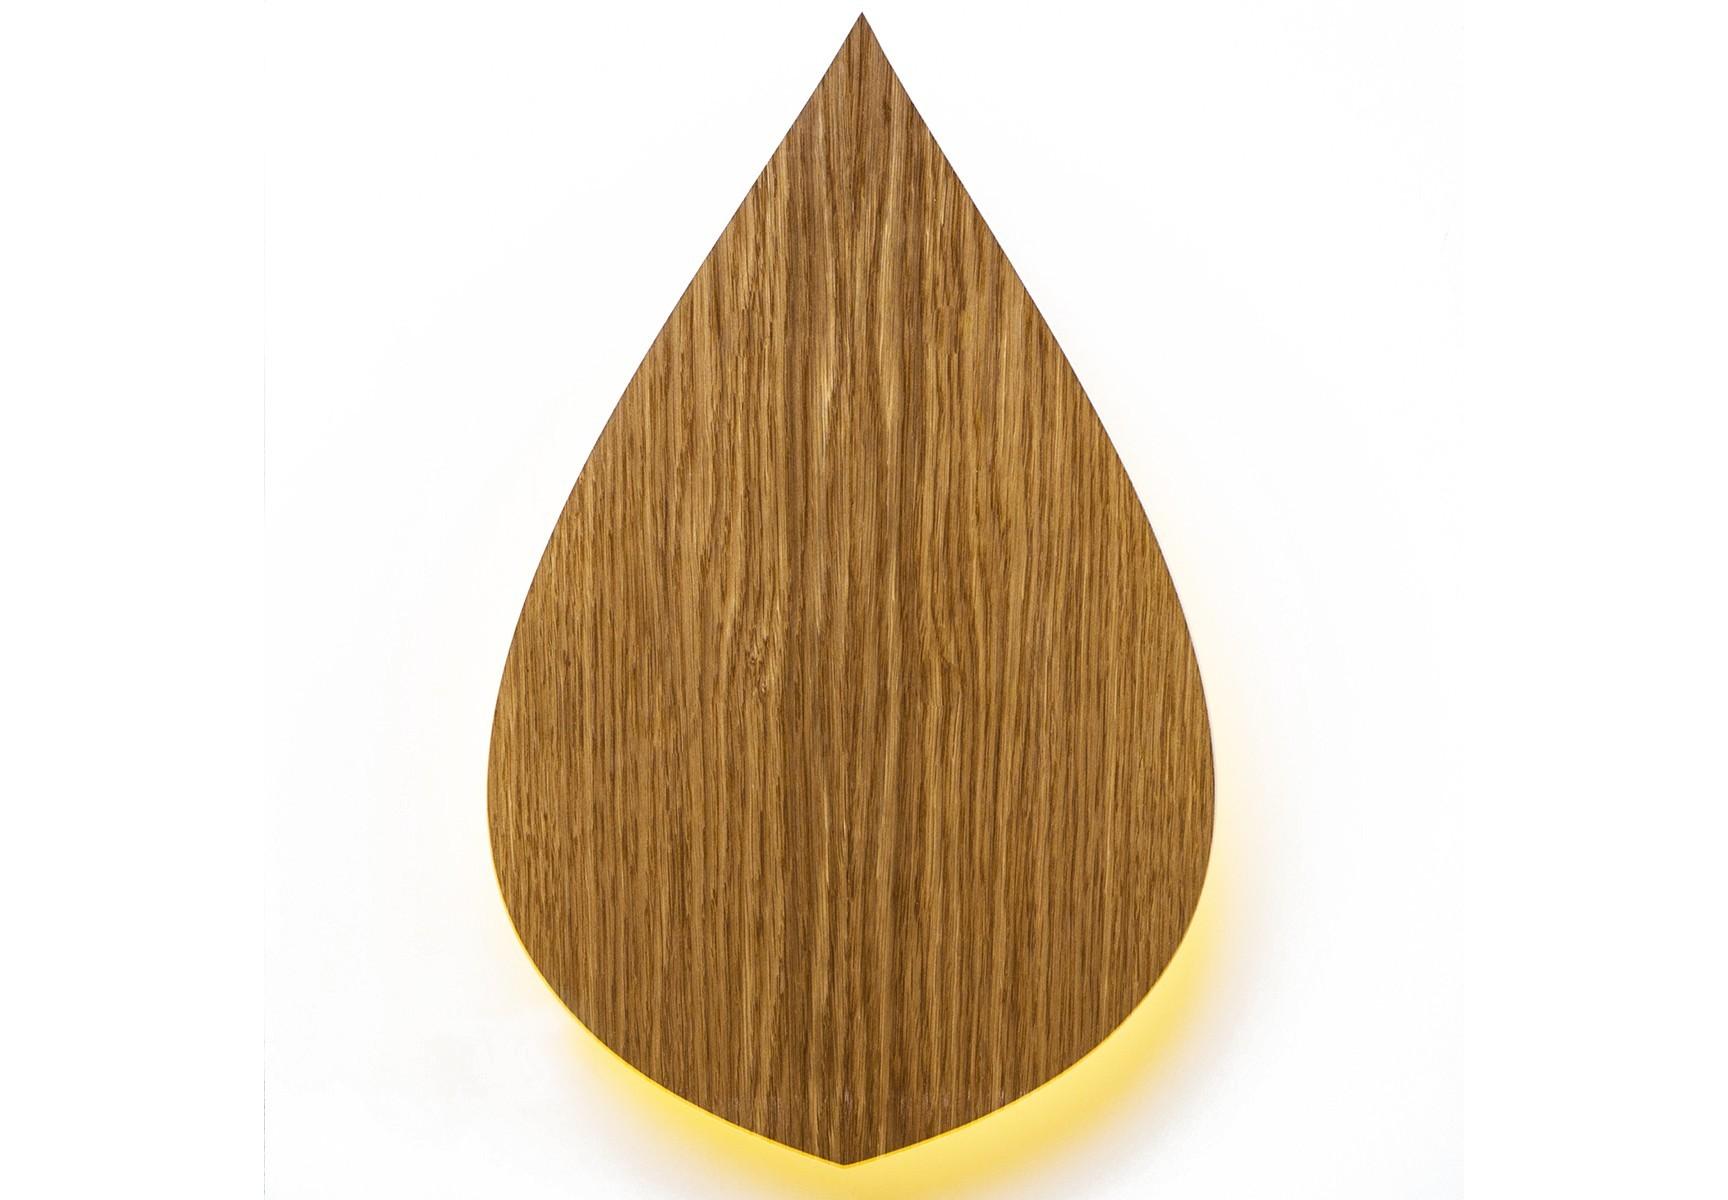 Бра ЛистокБра<br>Настенный светильник Woodled не подразумевает сложных конструкций: простая форма плафона, выполненного из шпона дуба, прячет и крепёж, и источник света (LED). Светильник поставляется со встроенным источником питания,достаточно просто подключиться к электрической сети!<br>Корпус изготовлен из высококачественного сплава алюминия, меди и магния; отлично отводит тепло, выделяемое источником питания и светодиодами.<br>Светодиоды закрыты специально разработанным матовым рассеивателем и не &amp;quot;бьют&amp;quot; в глаза.&amp;amp;nbsp;&amp;lt;div&amp;gt;&amp;lt;br&amp;gt;&amp;lt;/div&amp;gt;&amp;lt;div&amp;gt;&amp;lt;div&amp;gt;Тип цоколя: LED GU10 G9&amp;lt;/div&amp;gt;&amp;lt;div&amp;gt;Мощность: 7.2W&amp;lt;/div&amp;gt;&amp;lt;div&amp;gt;Кол-во ламп: 1 (в комплекте)&amp;lt;/div&amp;gt;&amp;lt;/div&amp;gt;<br><br>Material: Дерево<br>Ширина см: 24<br>Высота см: 38<br>Глубина см: 6